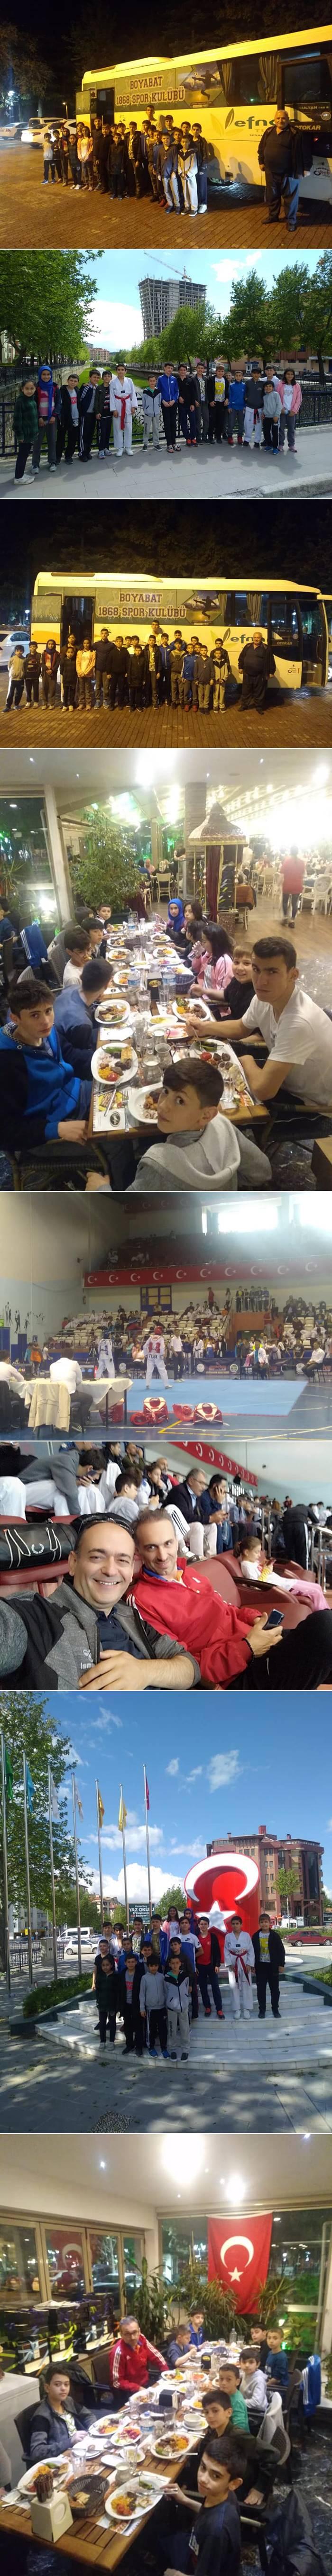 Türkiye Taekwondo Şampiyonası öncesinde yapılan ve 24 ilden 34 kulüp sporcularinin katıldığı Kastamonu'da düzenlenen 19 Mayıs İllerarası Gençlik Taekwondo Şampiyonası turnuvasına  Boyabat Taekwondo Kuzey Yıldız Kulübü olarak  Şampiyonaya katınıldı.